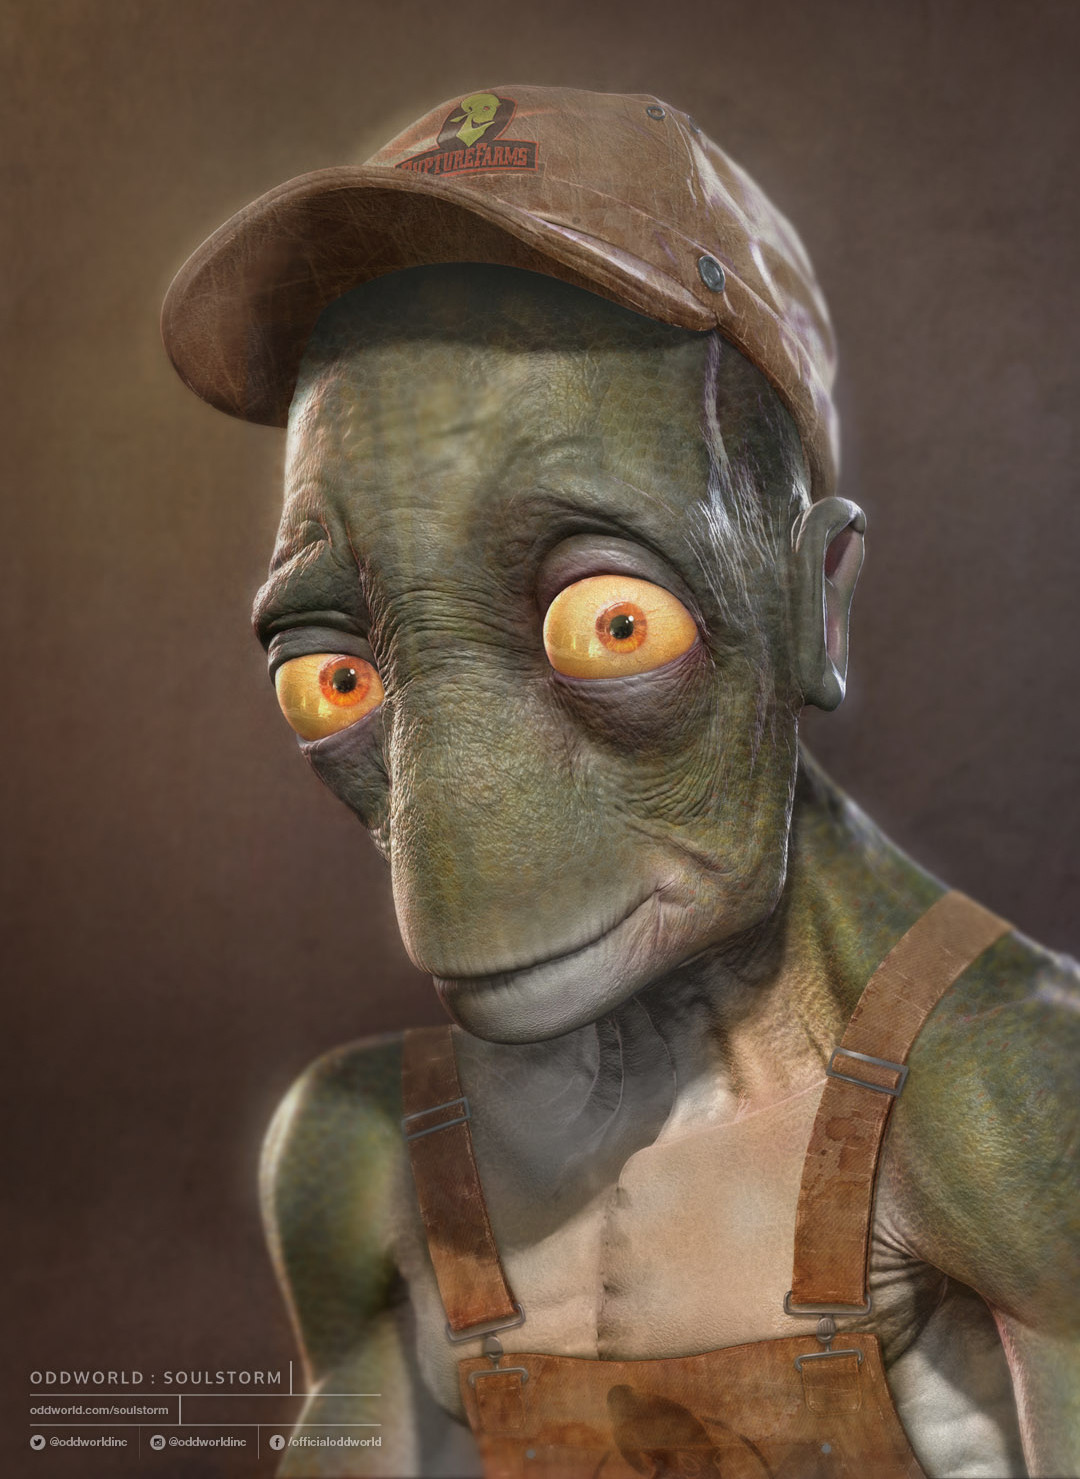 Oddworld Soulstorm character portraits, Alf